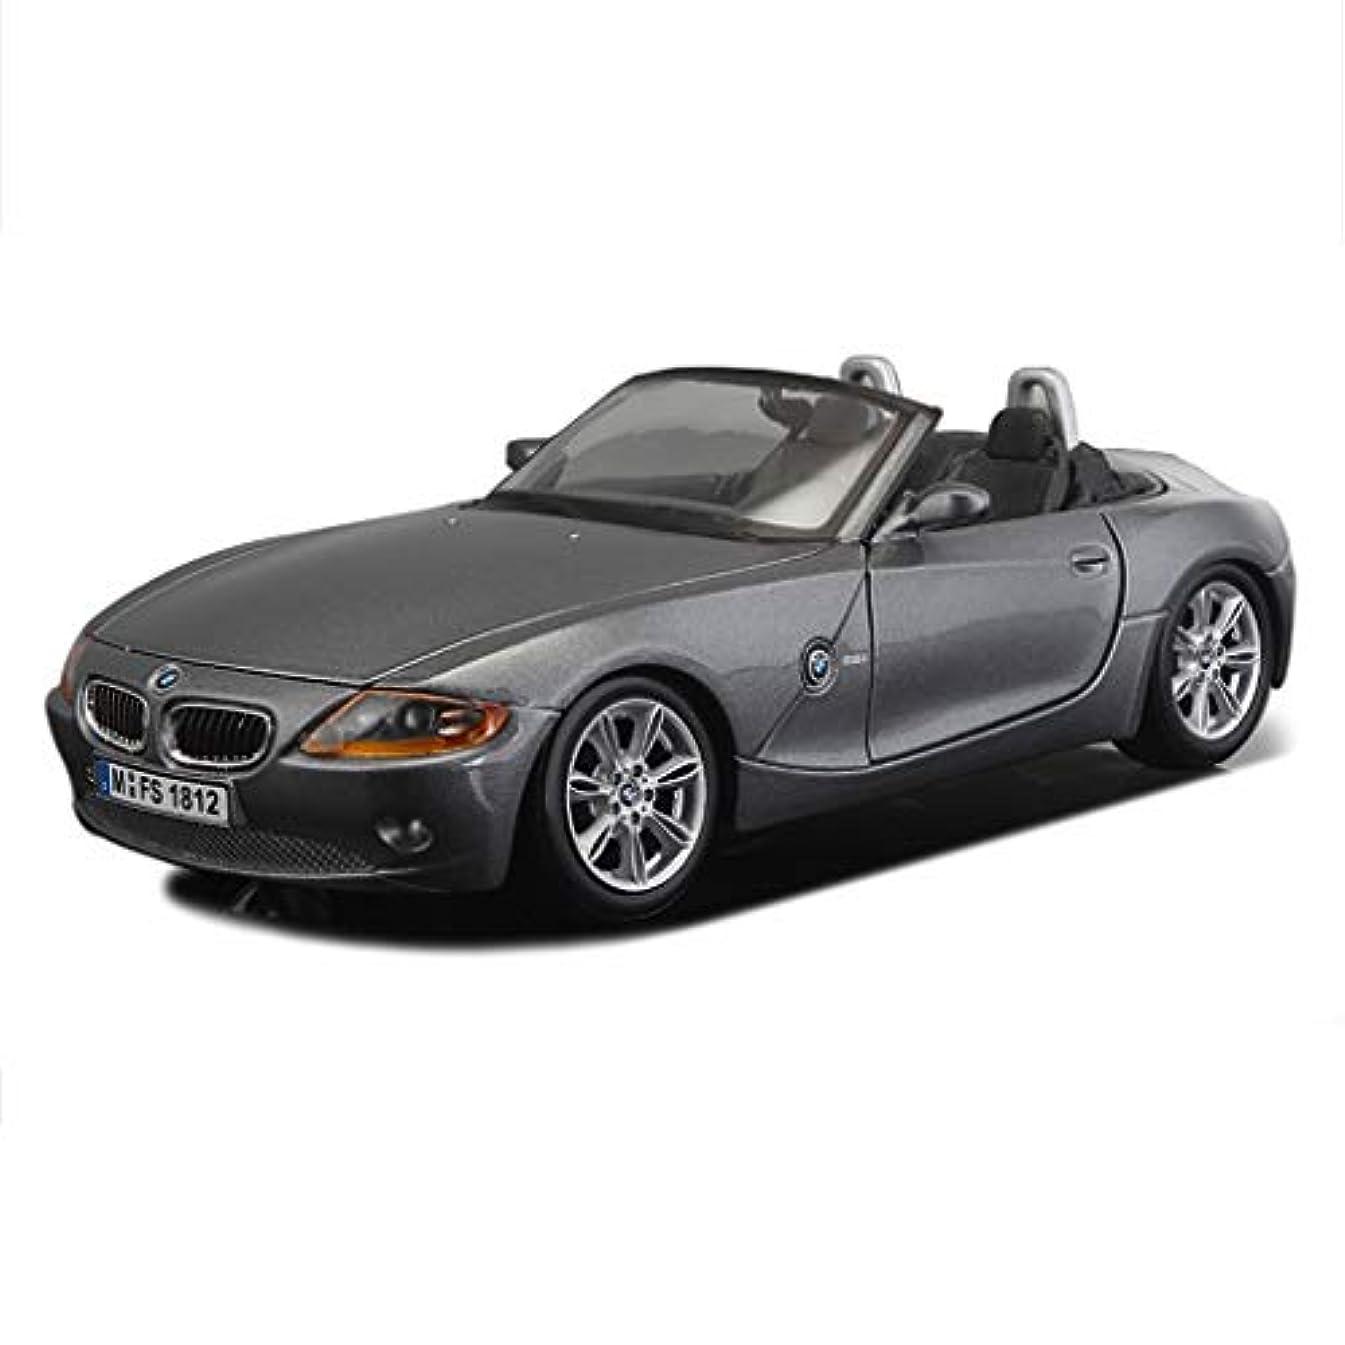 上に品揃え状態XXHDYRカーモデルカー1:24 Z4シミュレーション合金ダイカスト玩具ジュエリースポーツカーコレクションジュエリー17x7.8x4.5CM